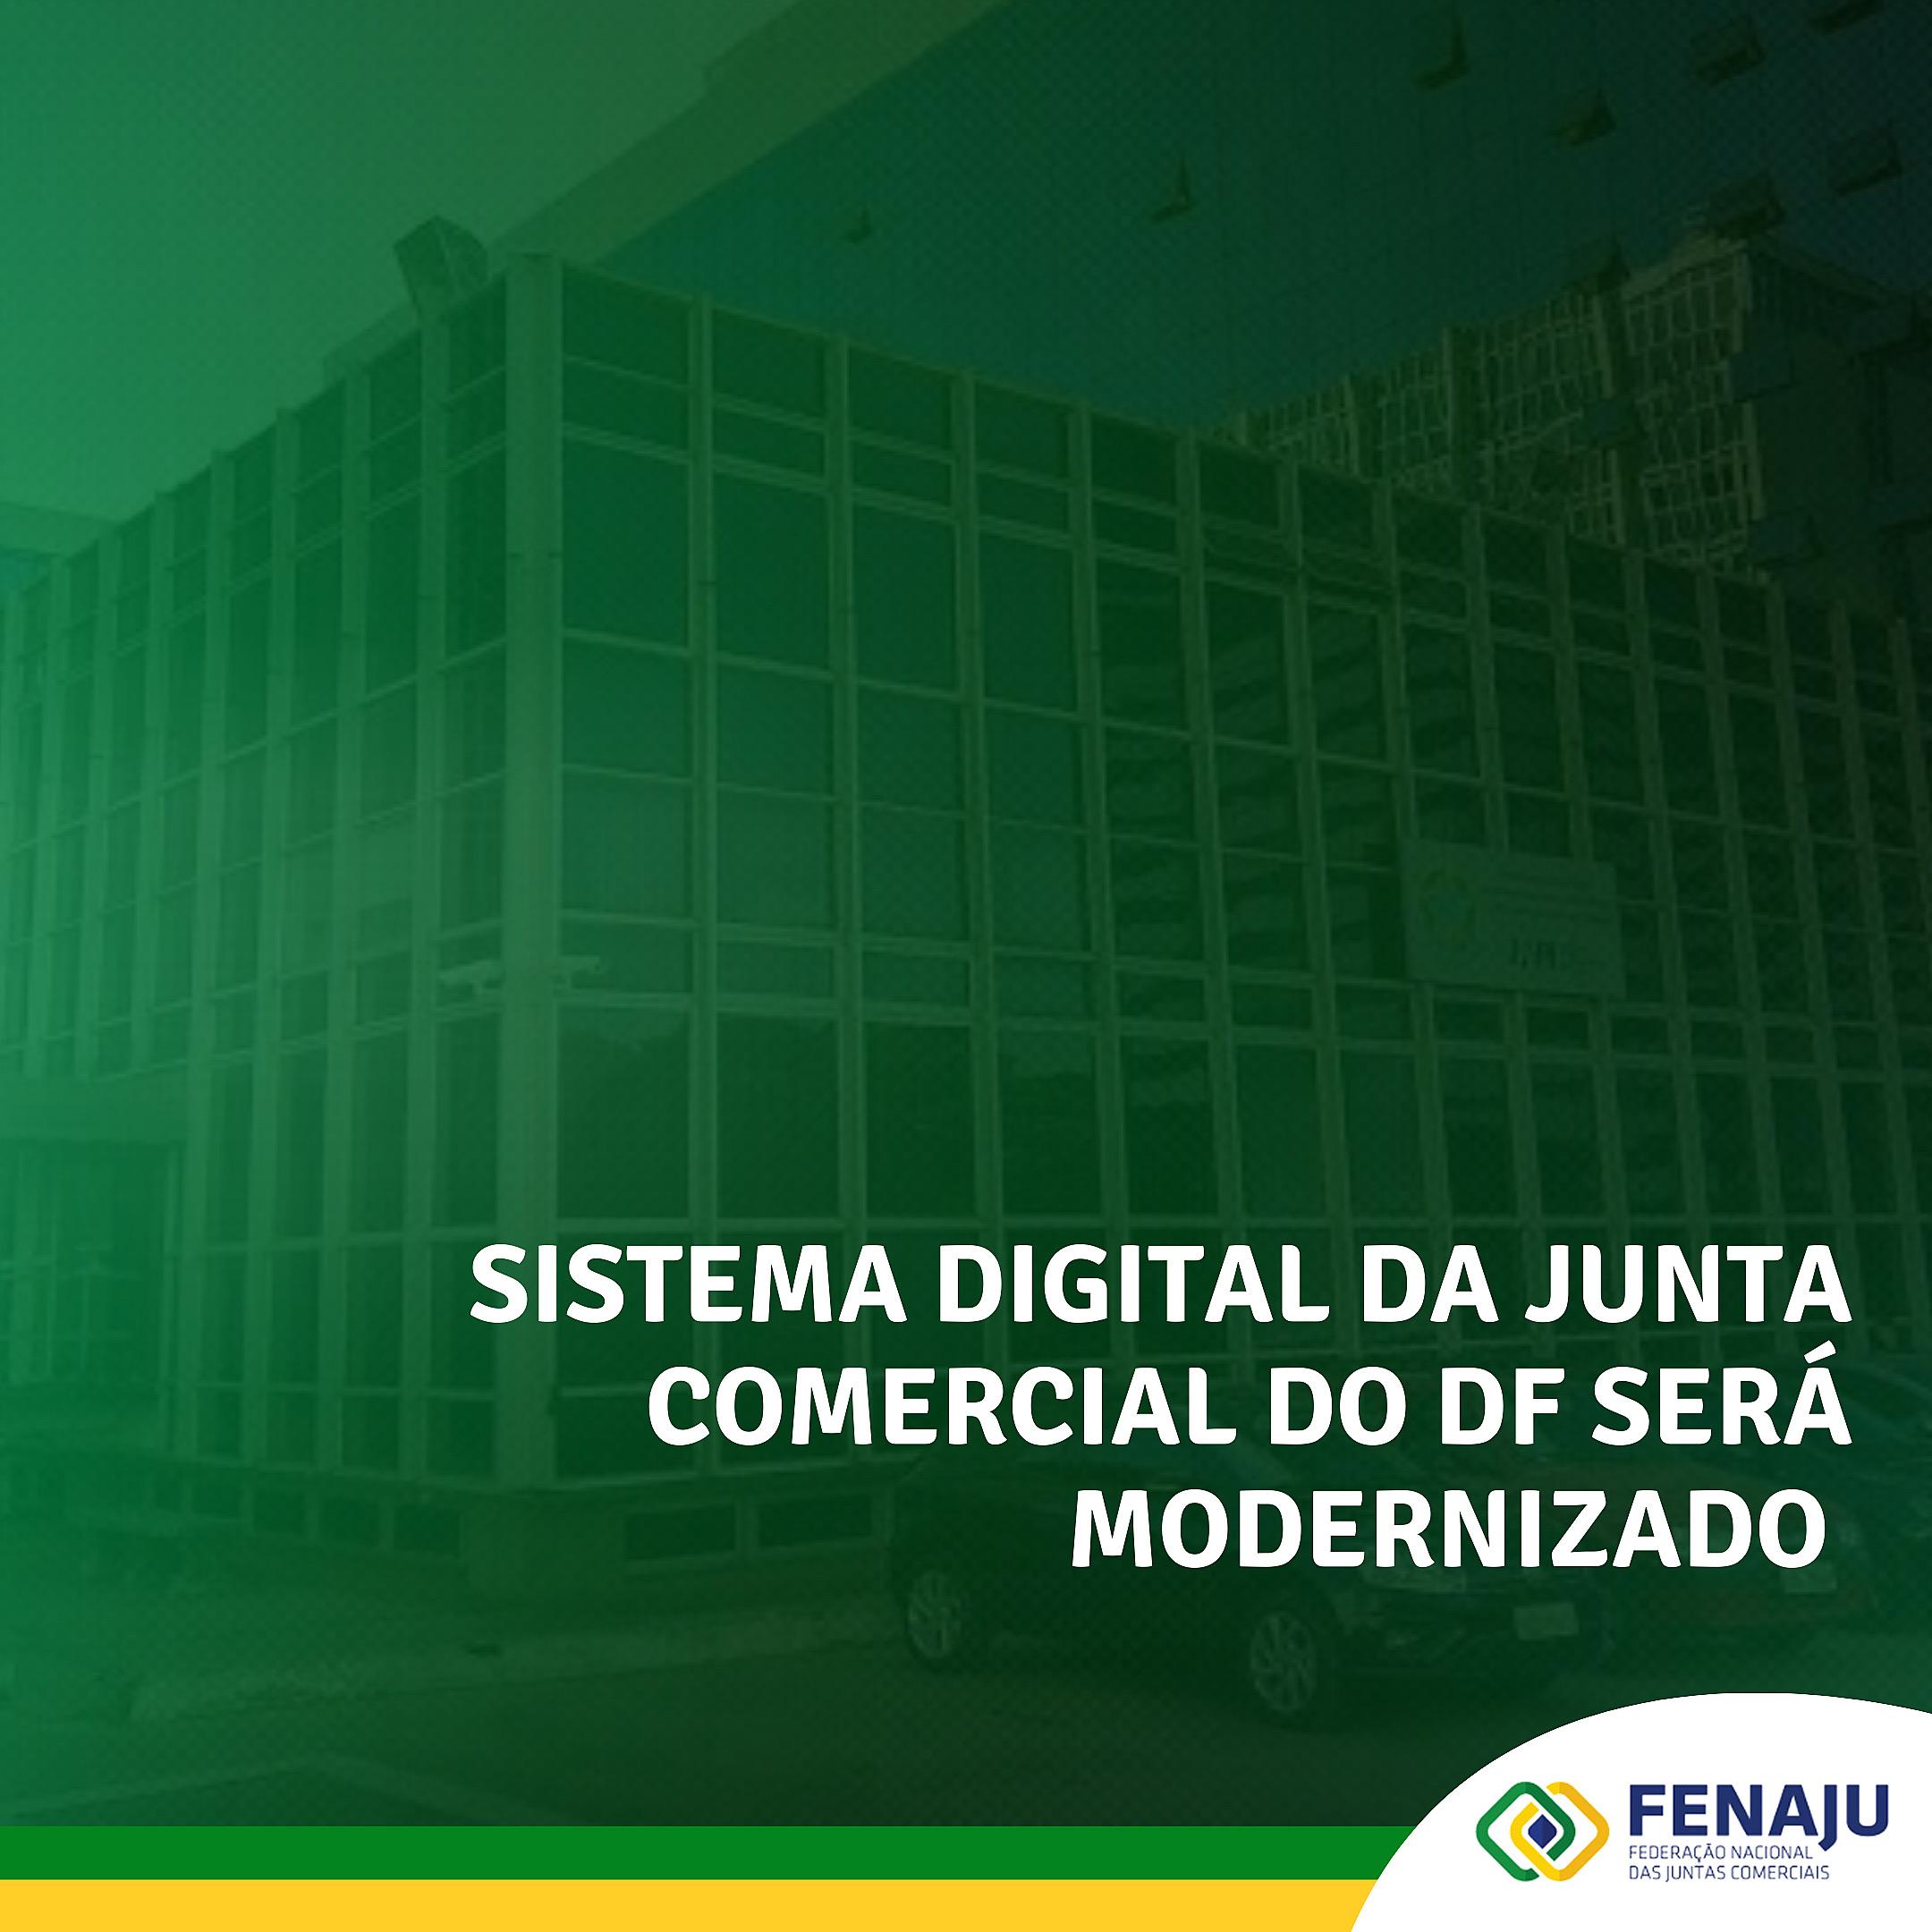 Sistema digital da Junta Comercial do DF será modernizado